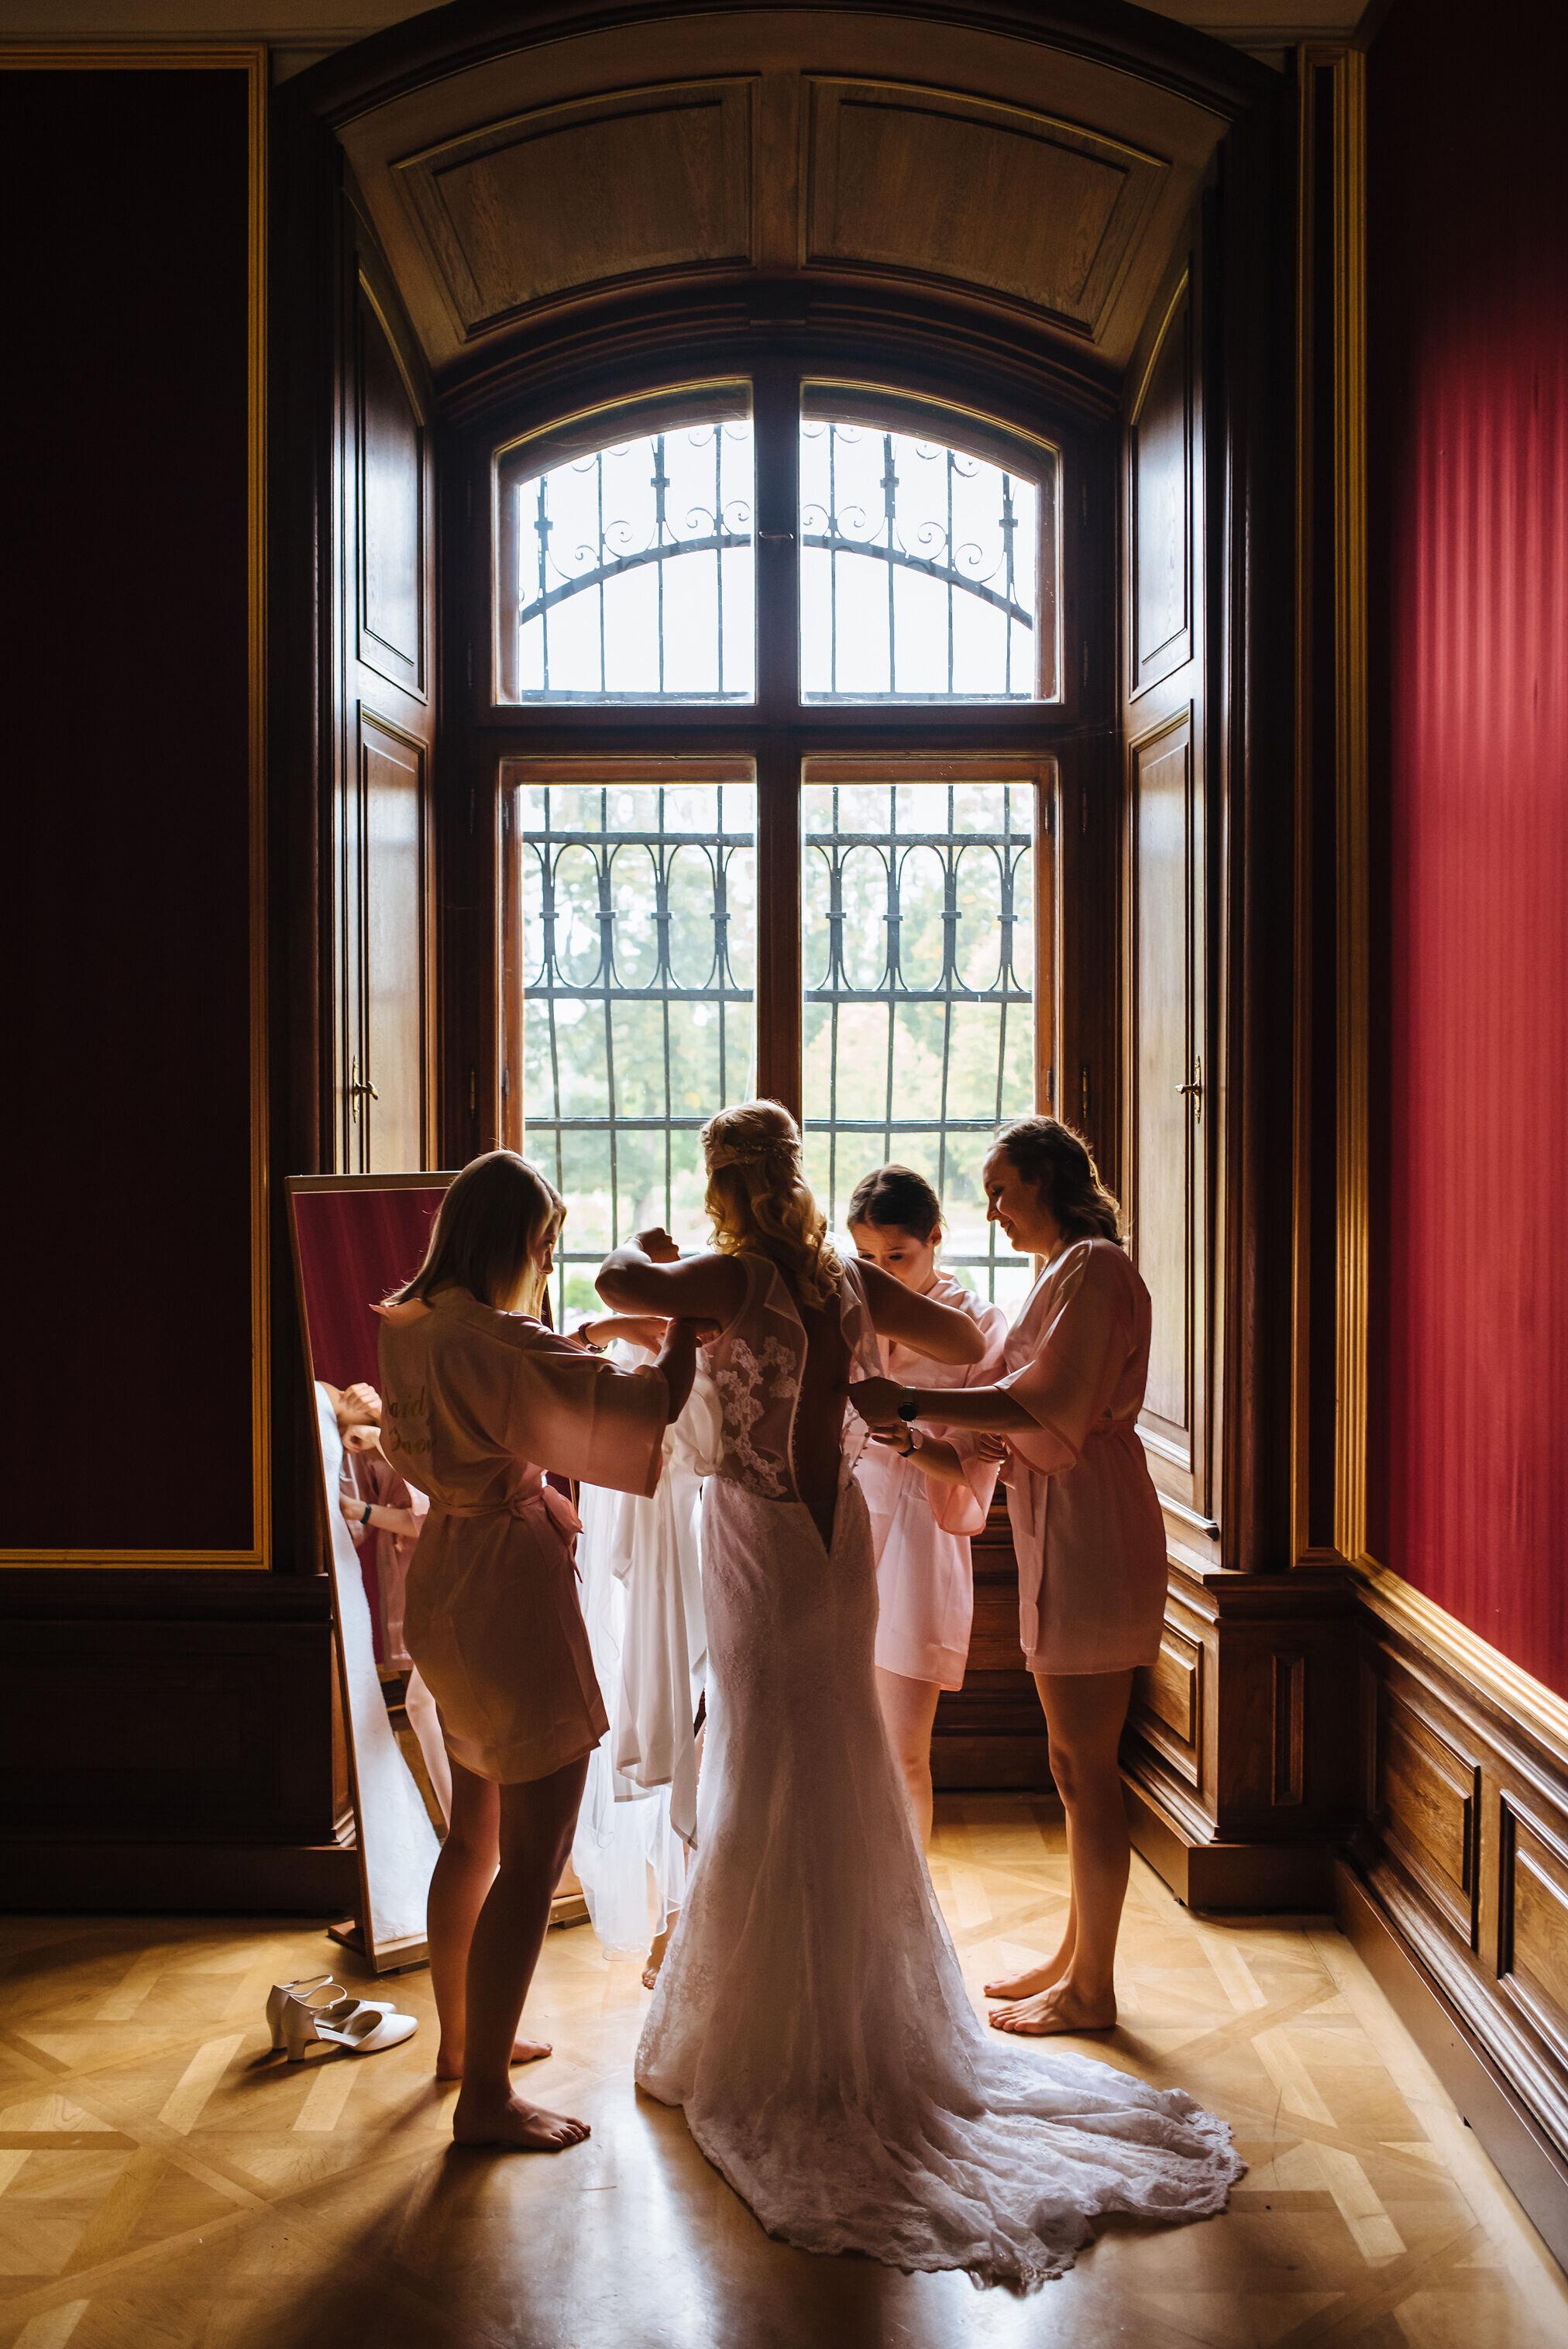 Hochzeit-Schloss-Eckartsau-15.jpg